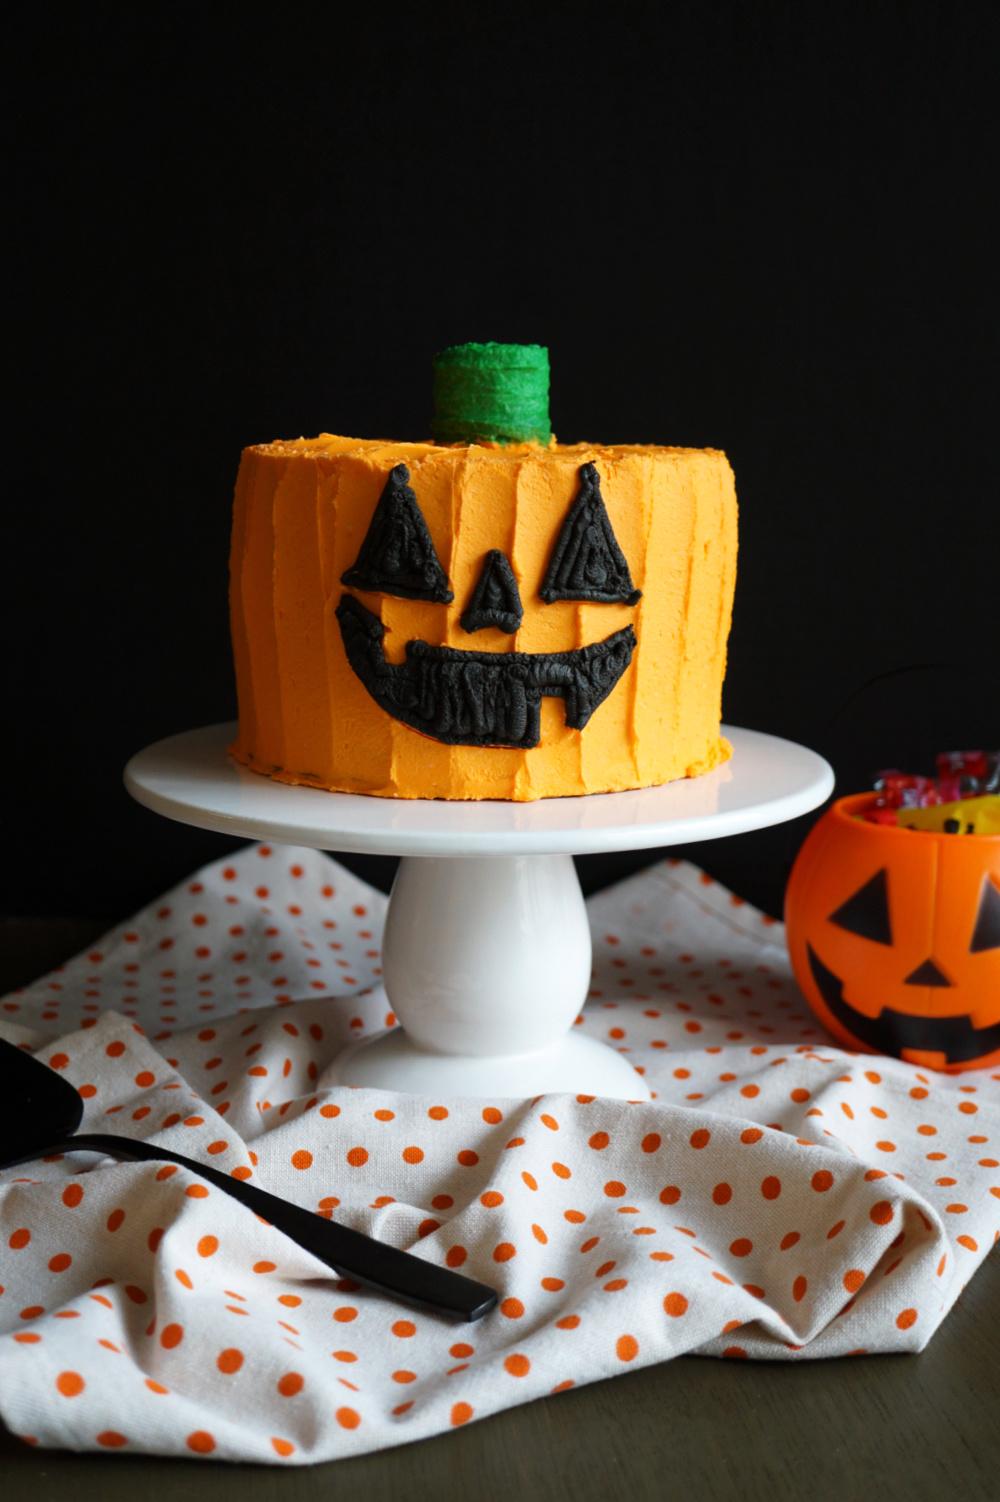 orange cake with jack o'lantern face